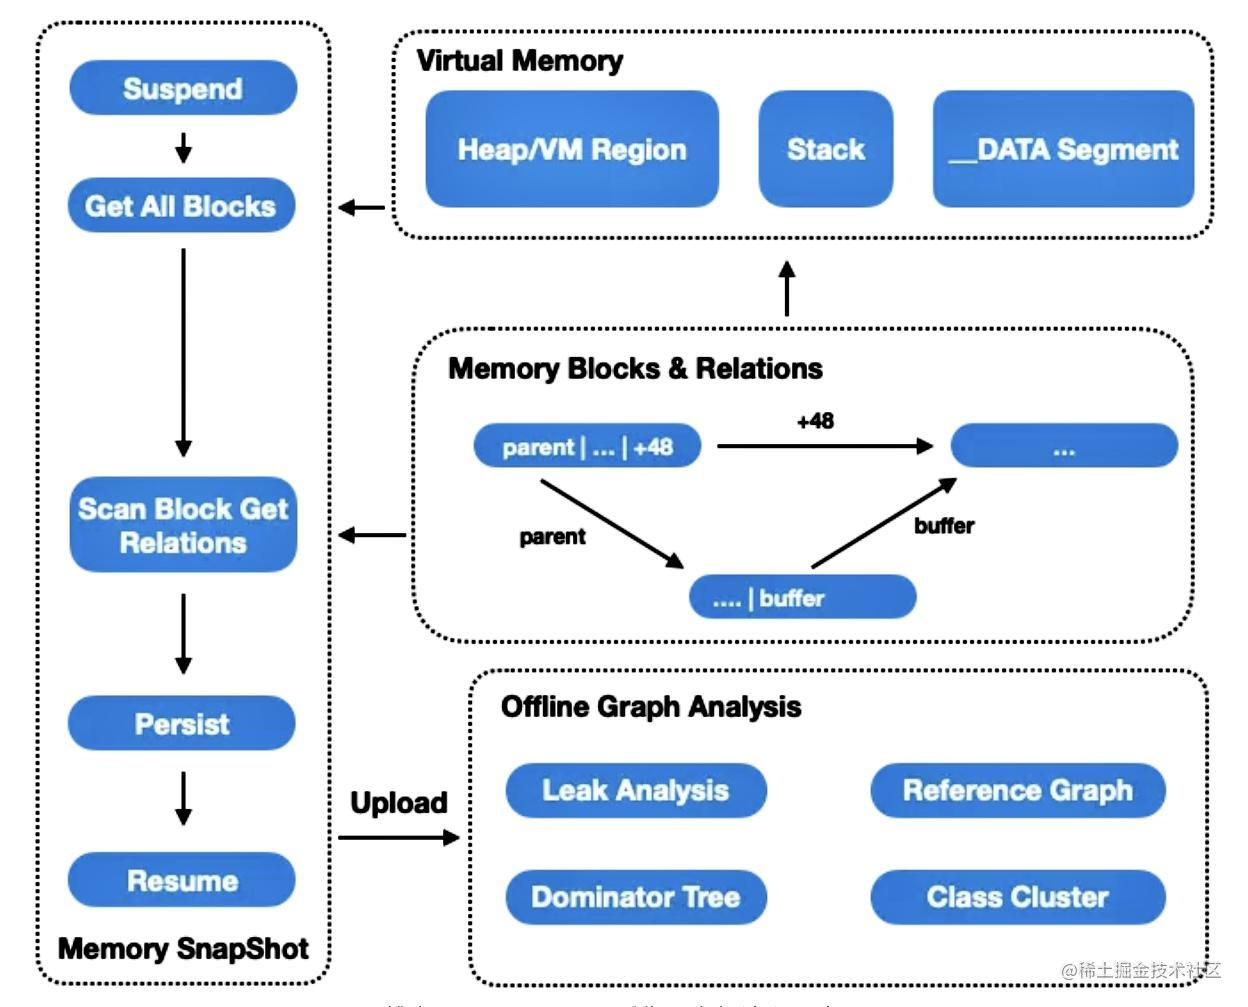 线上 Memory Graph 采集及上报流程示意图